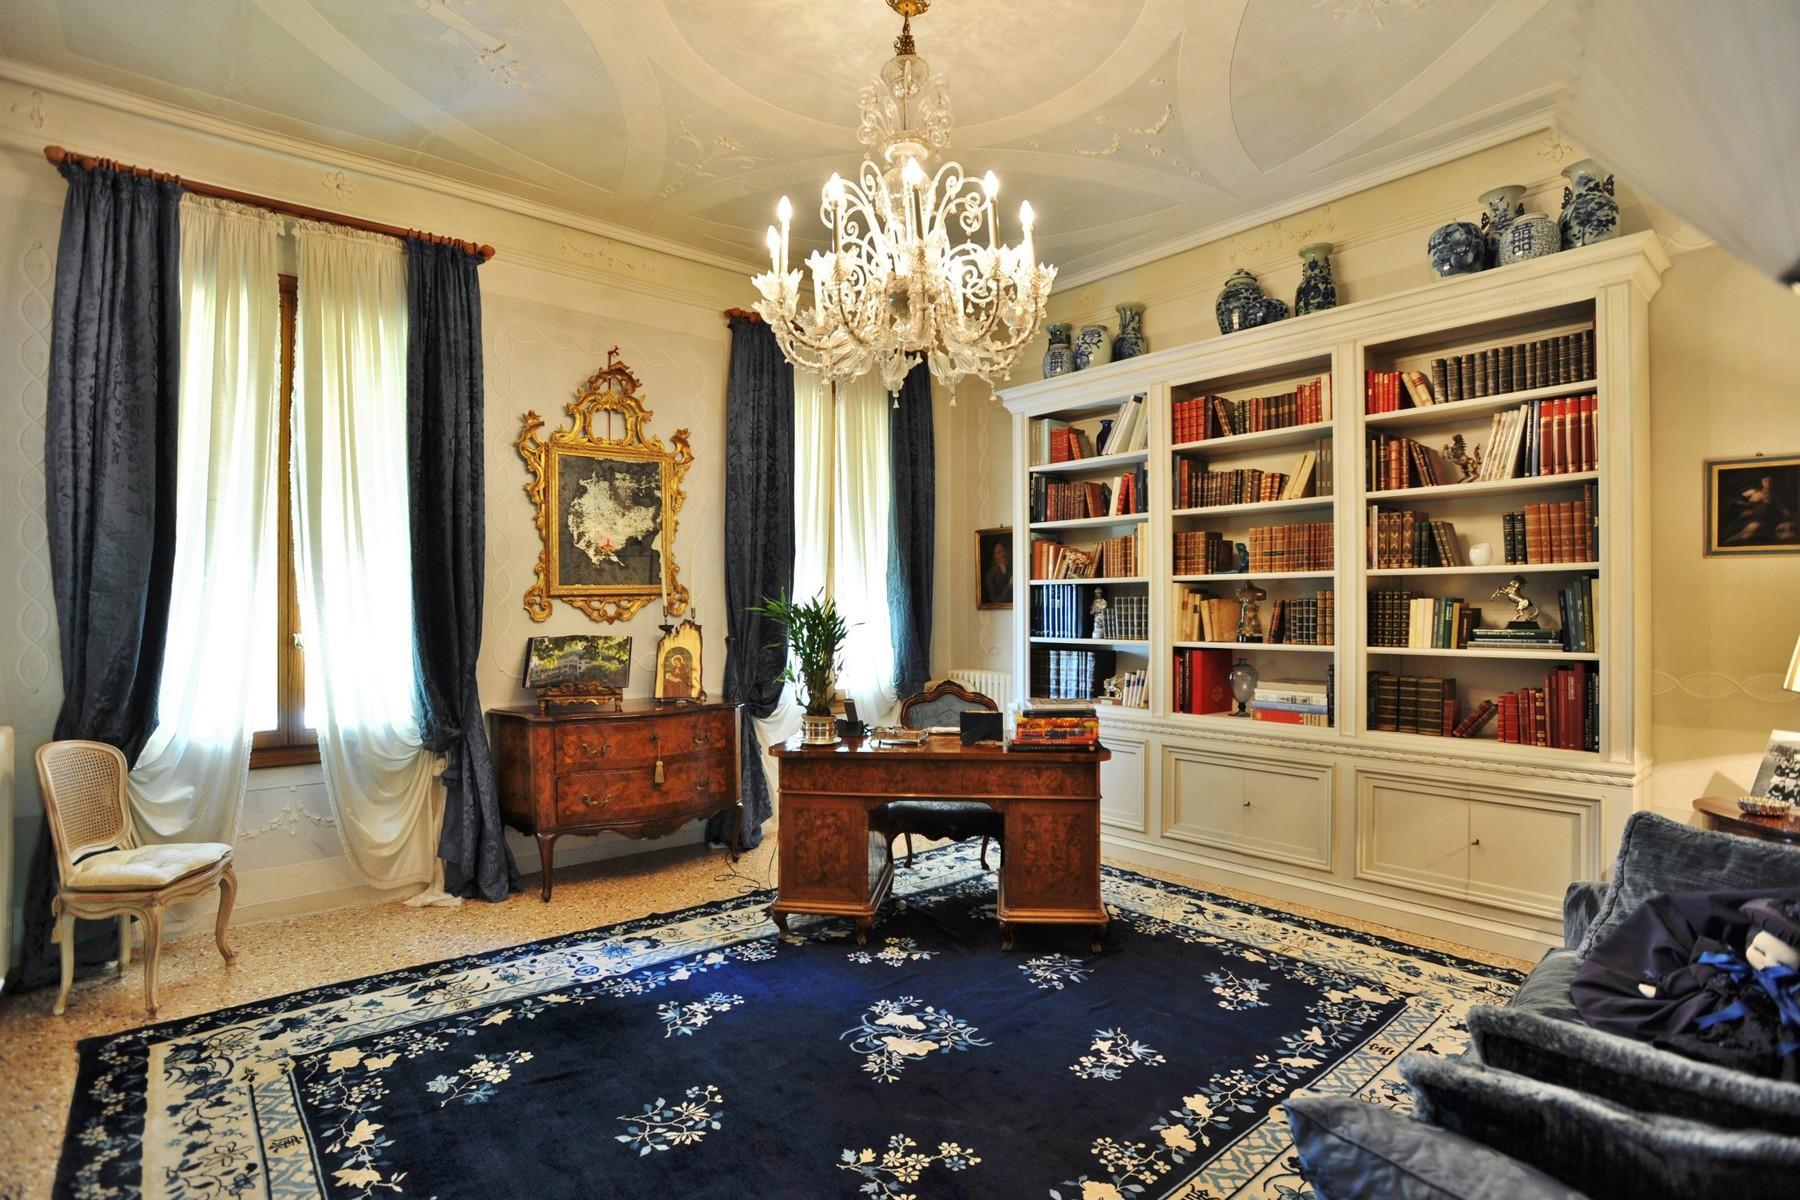 位于壮观的威尼斯别墅主楼层的优雅公寓 - 5